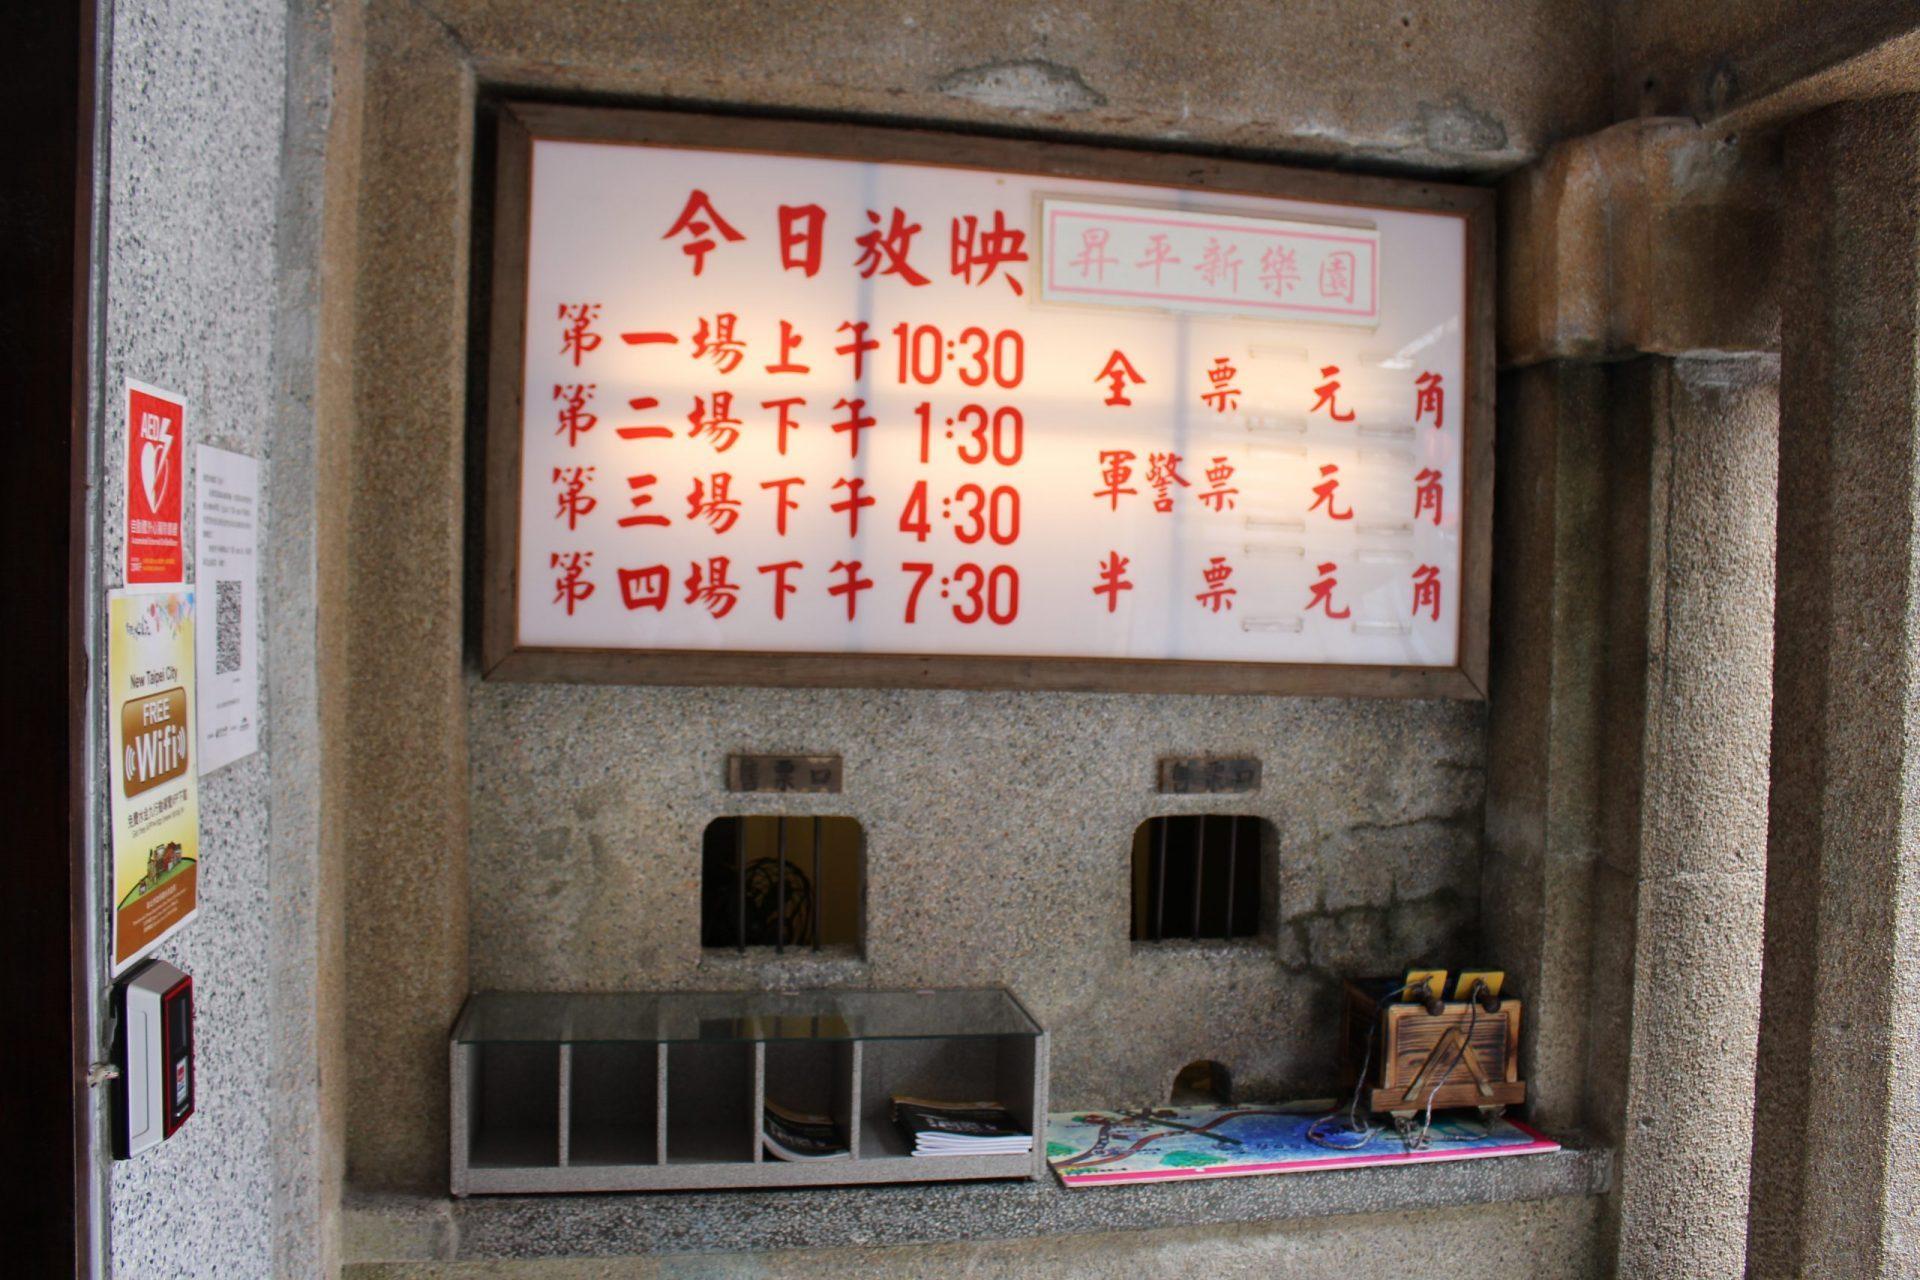 九份老街昇平戲院   售票處